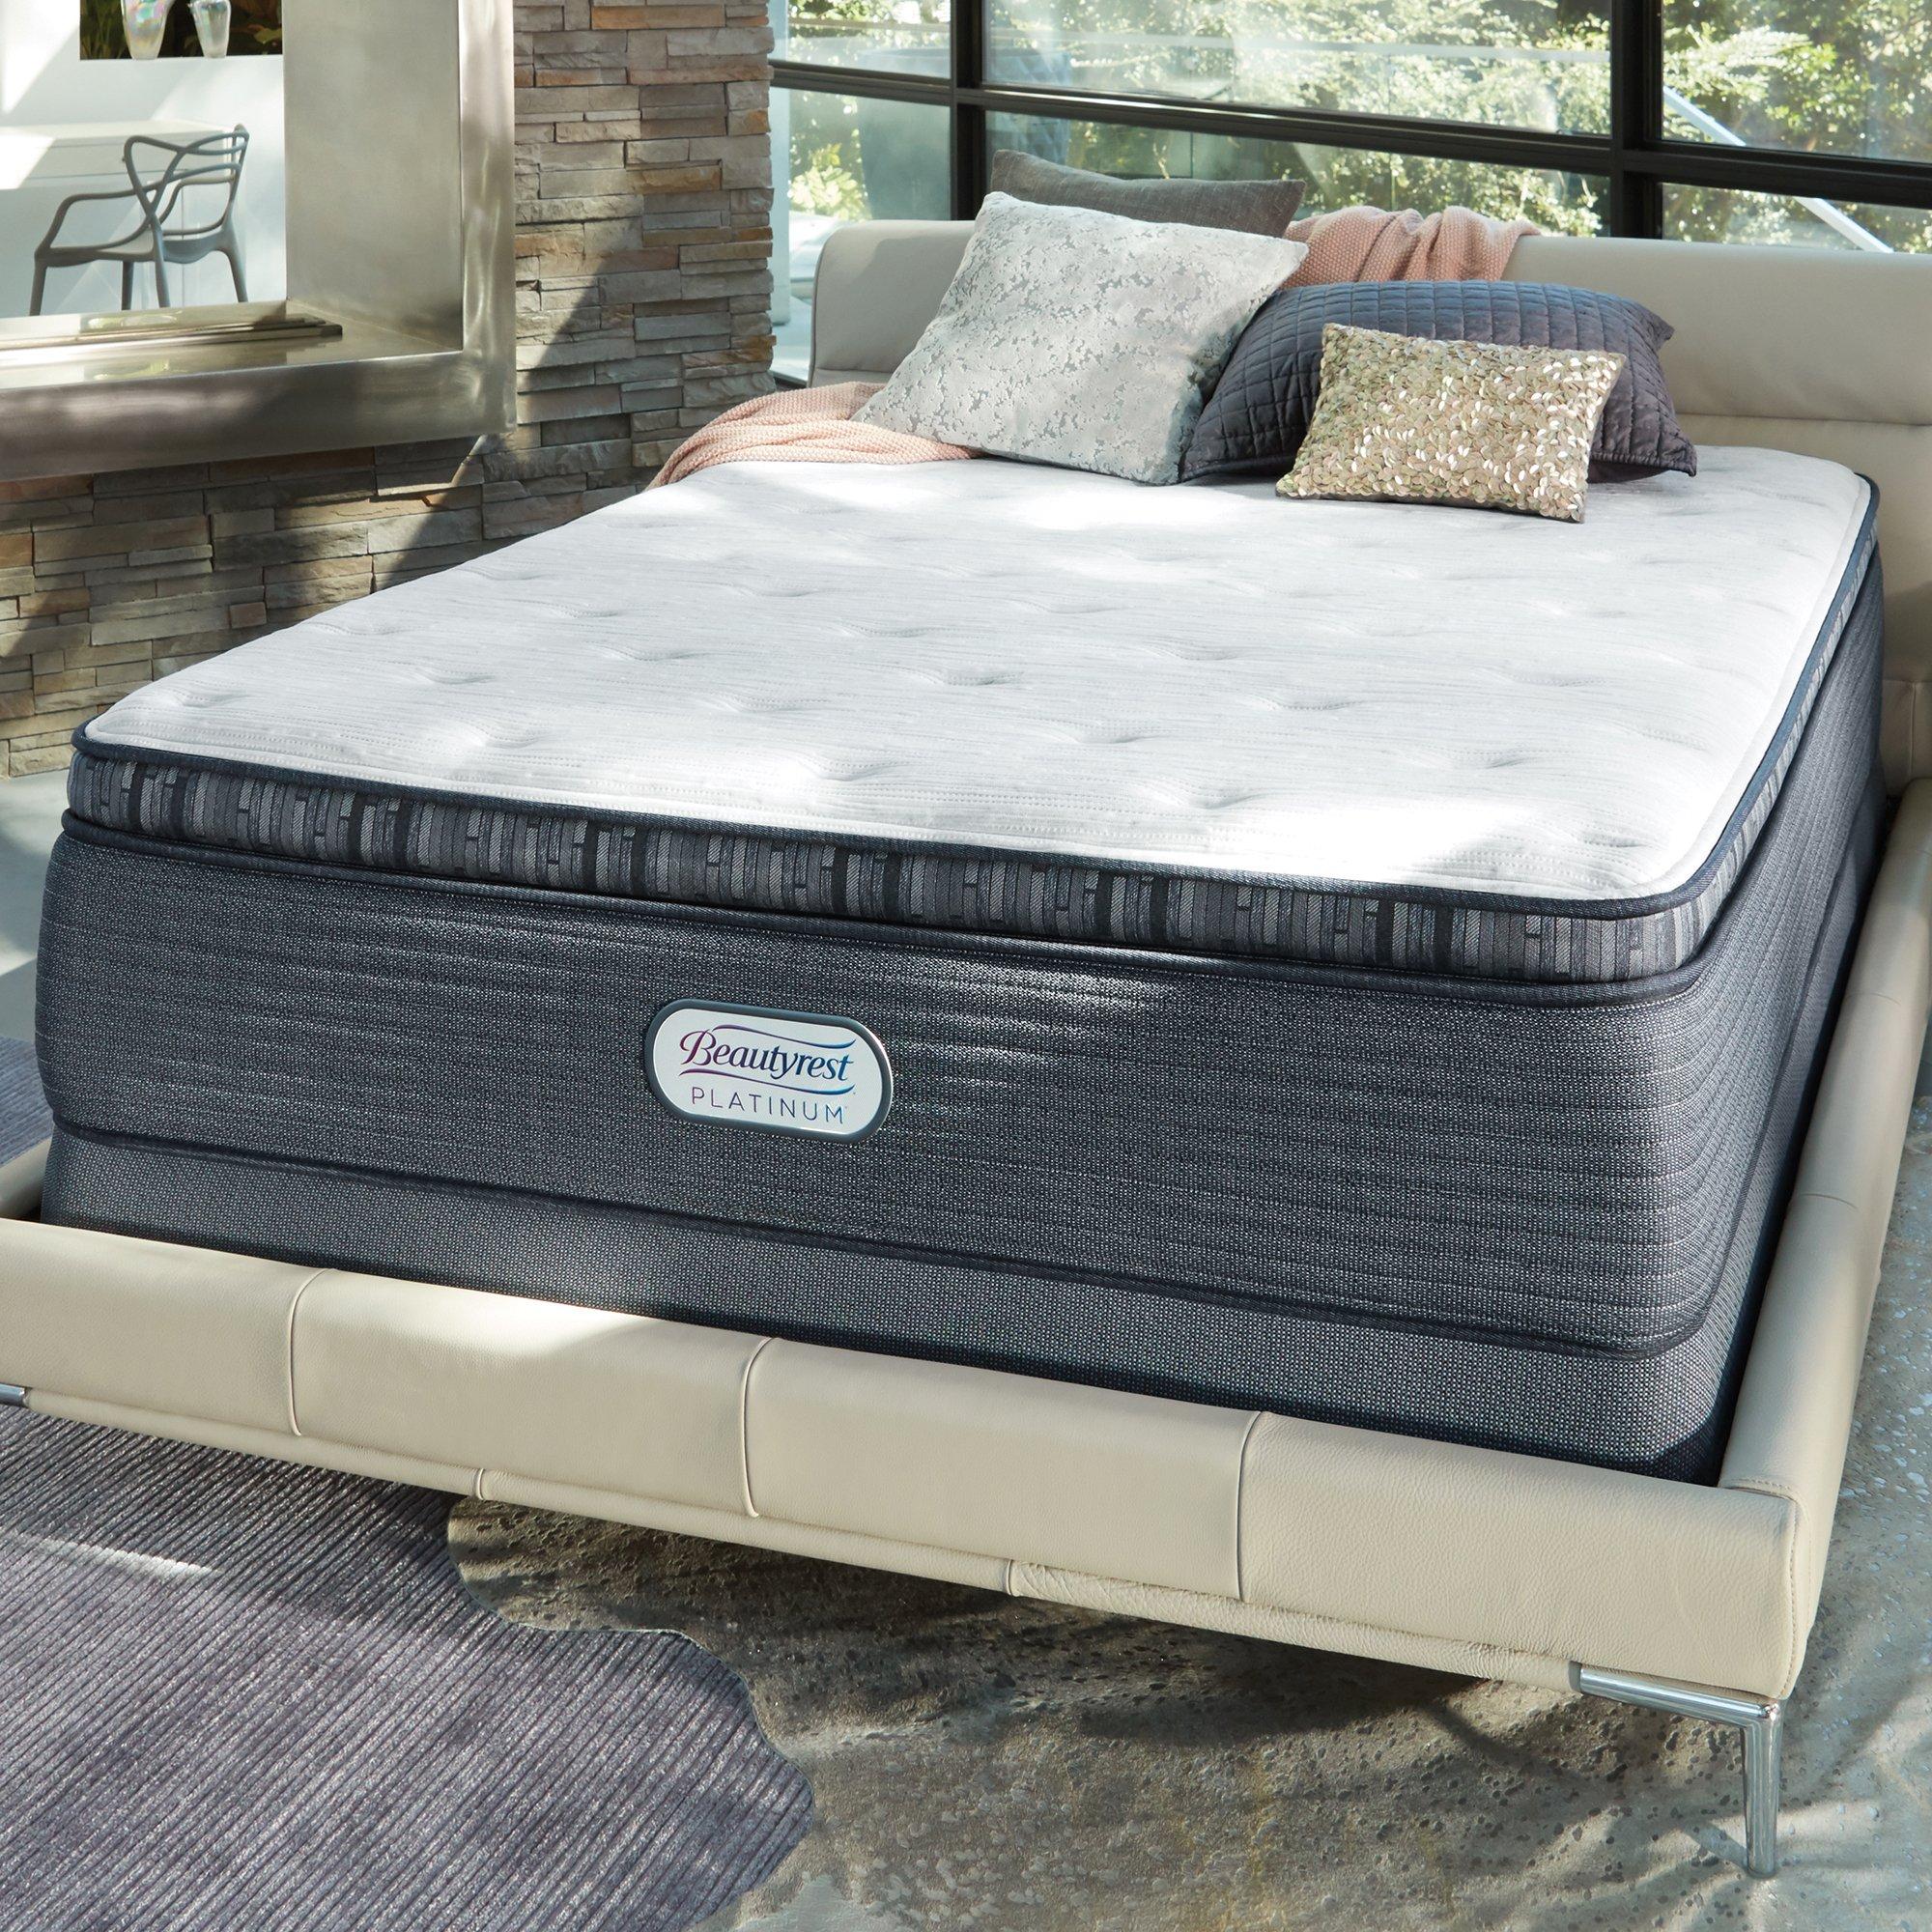 Beautyrest 15'' Spring Grove Plush PillowTop Mattres Mattress, King by Beautyrest